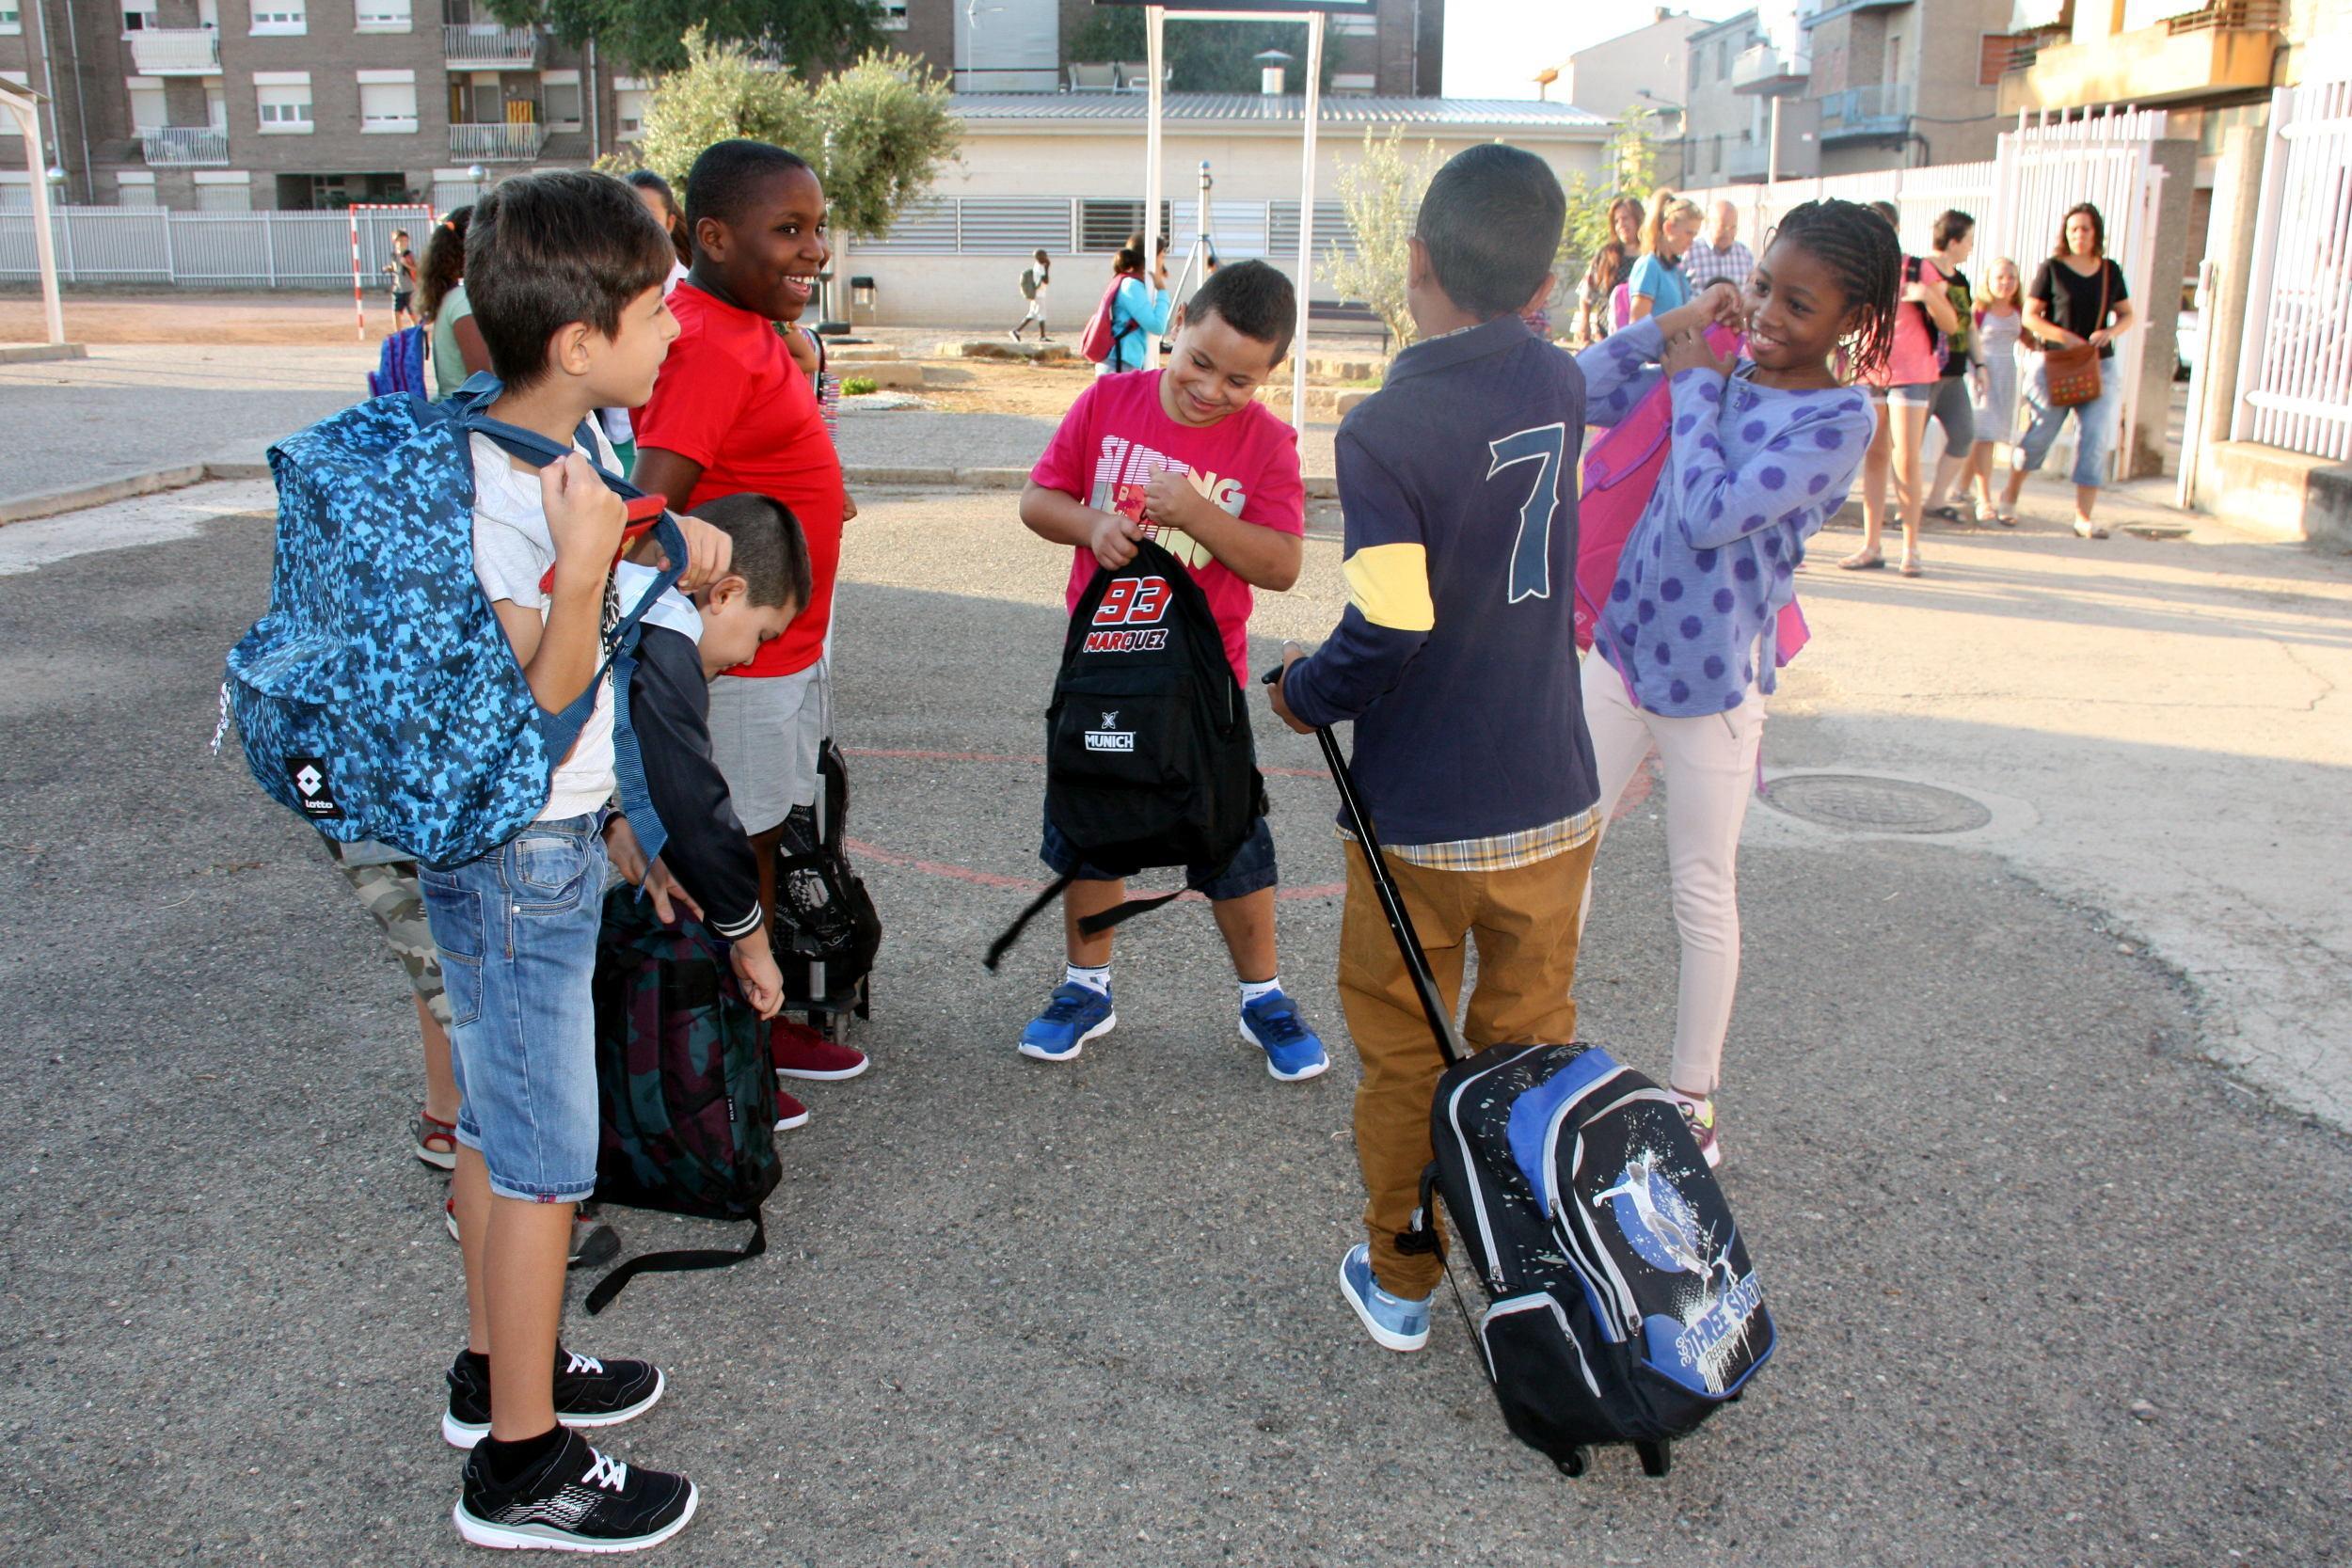 Imatge d'arxiu d'una escola / ACN (Miret S.)